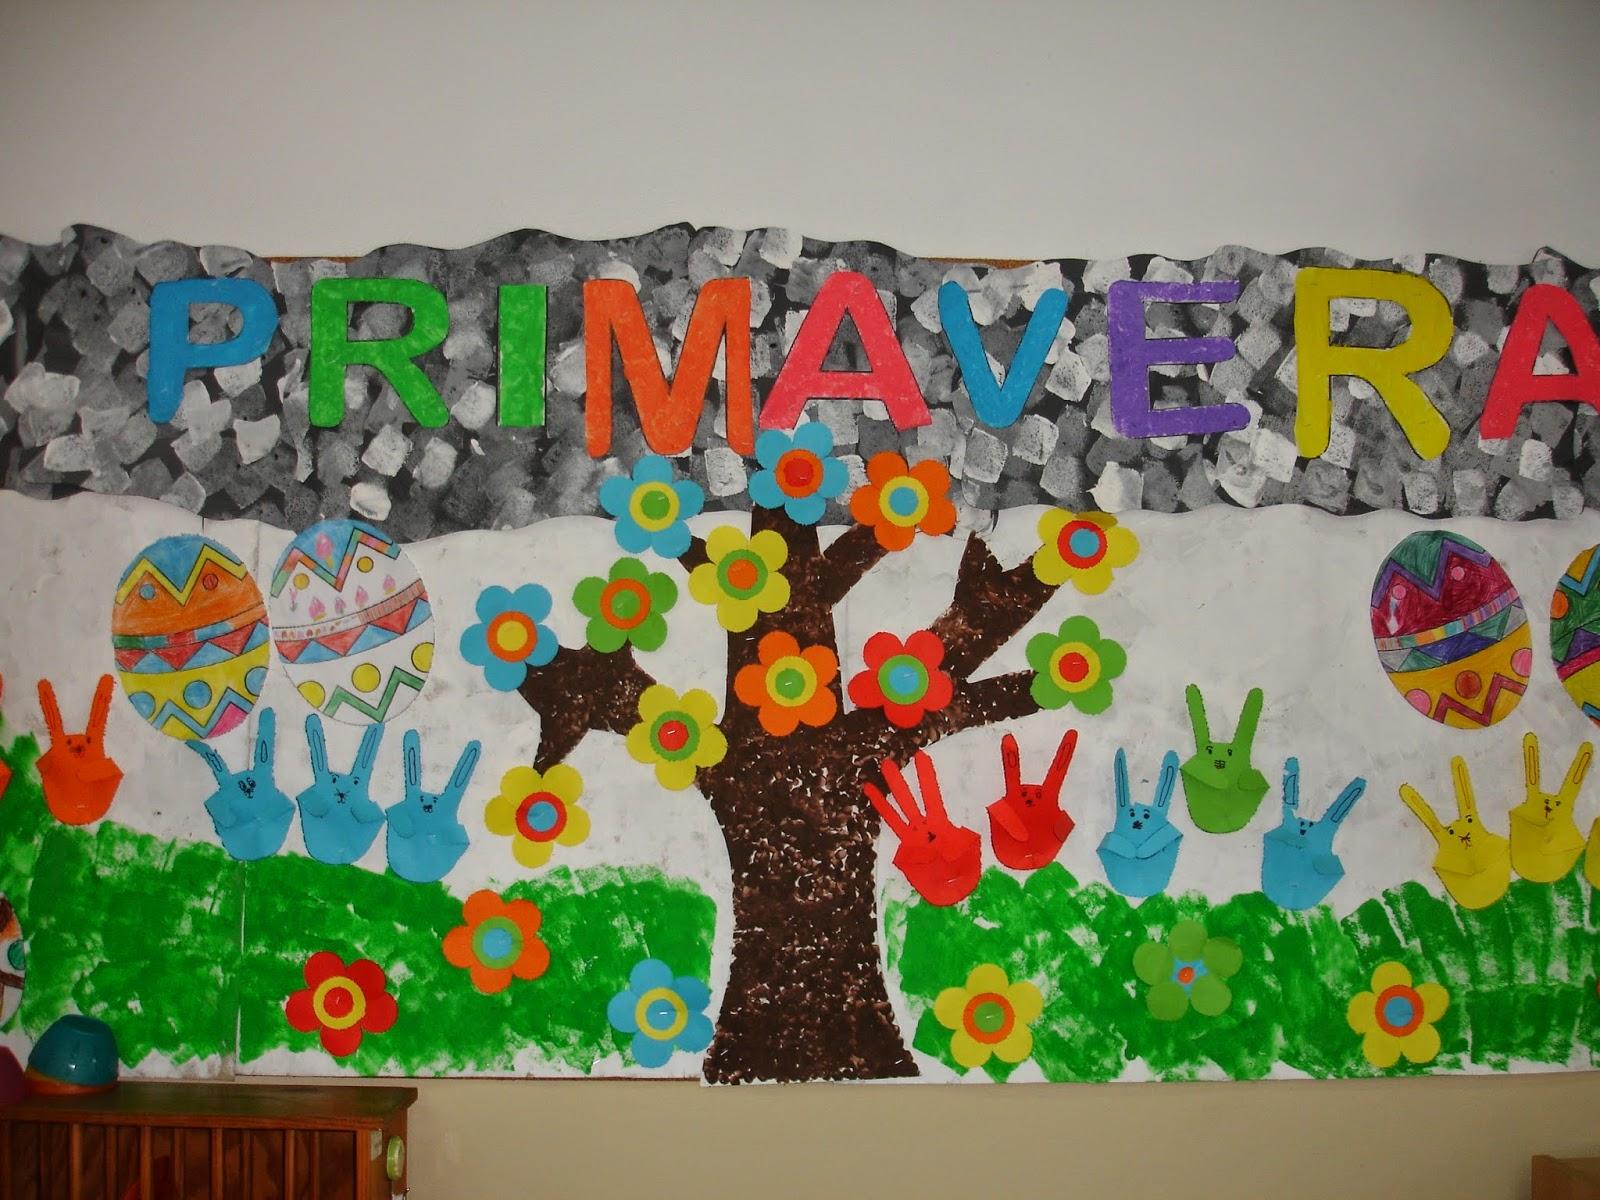 flores do jardim letra : flores do jardim letra:Também renovamos o painel na nossa sala.